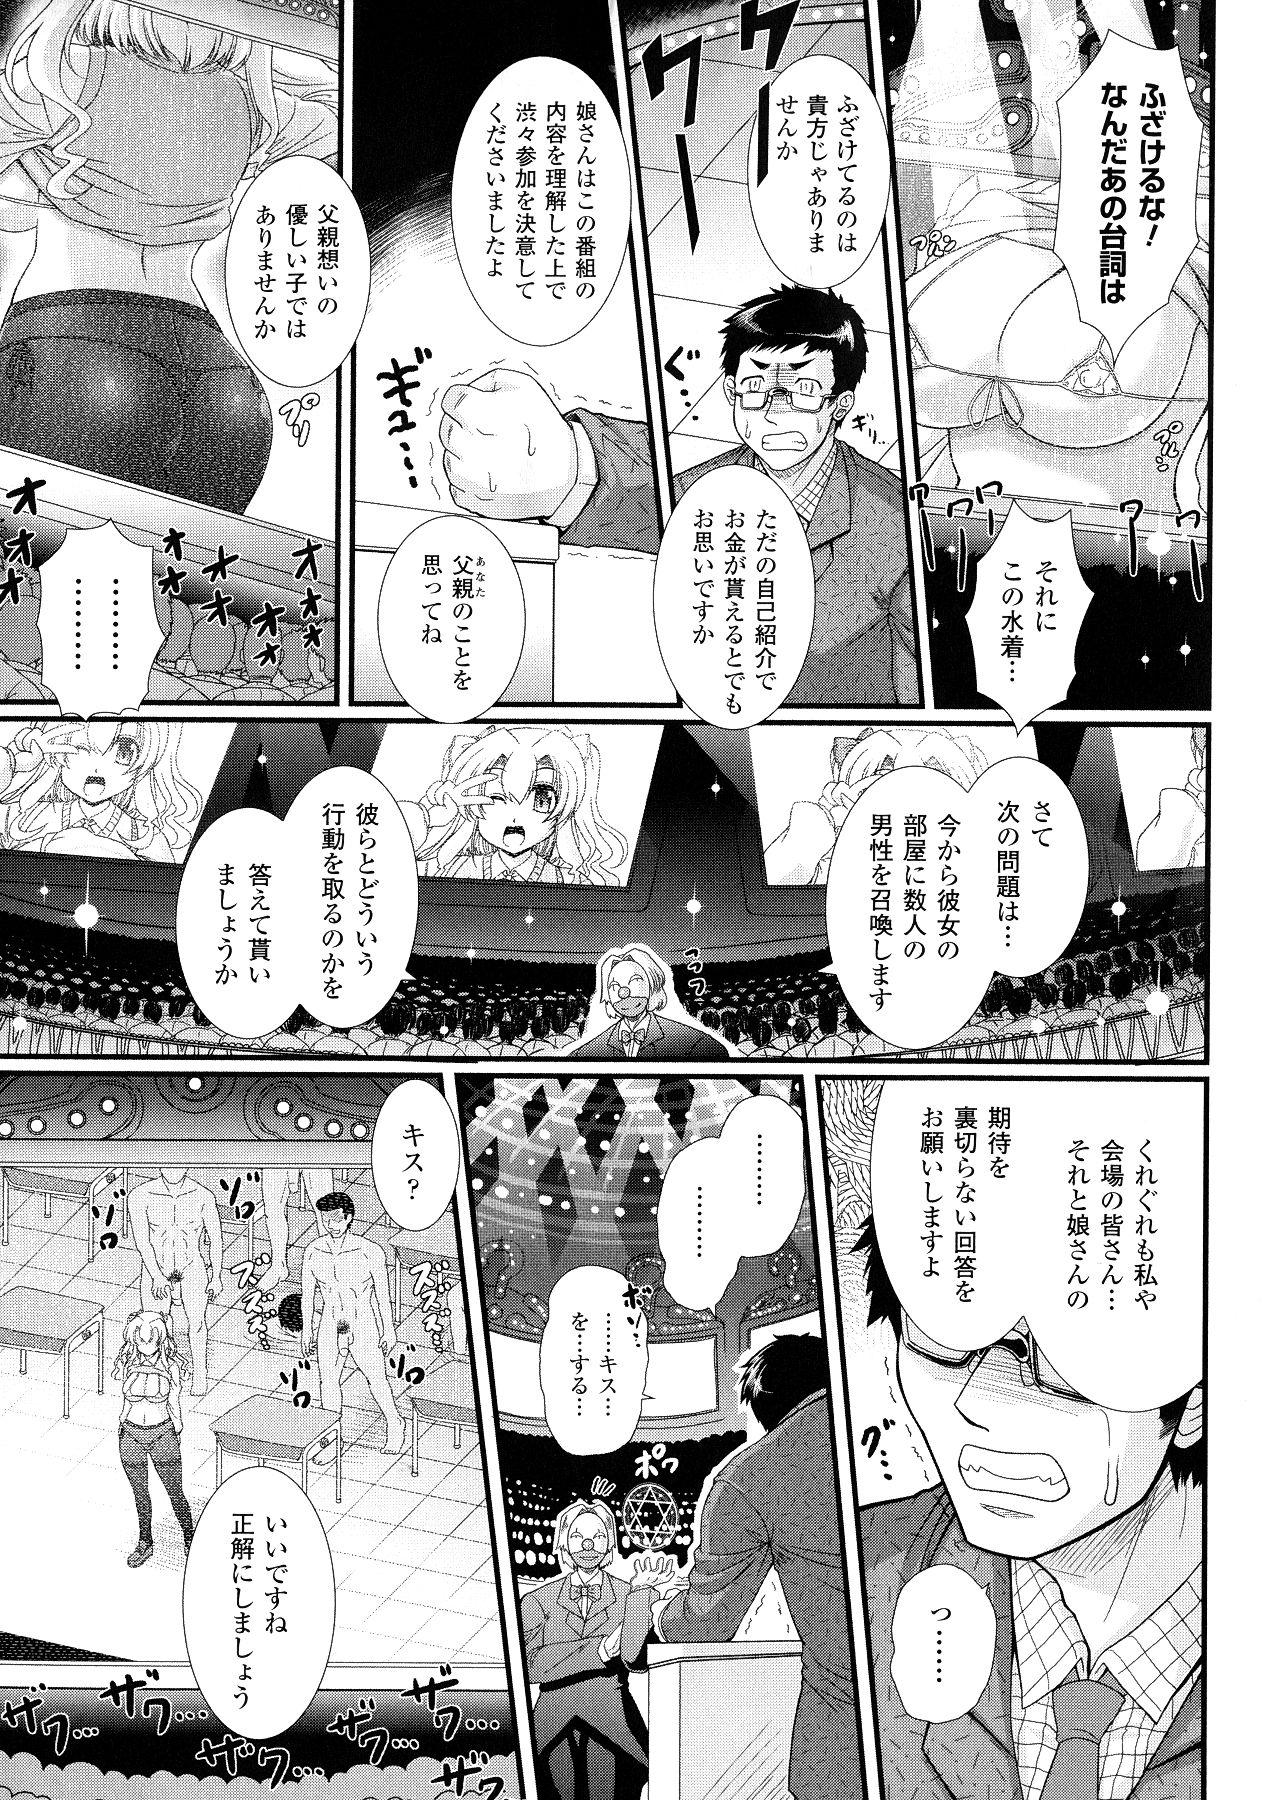 Akuma no Shitsumon 42